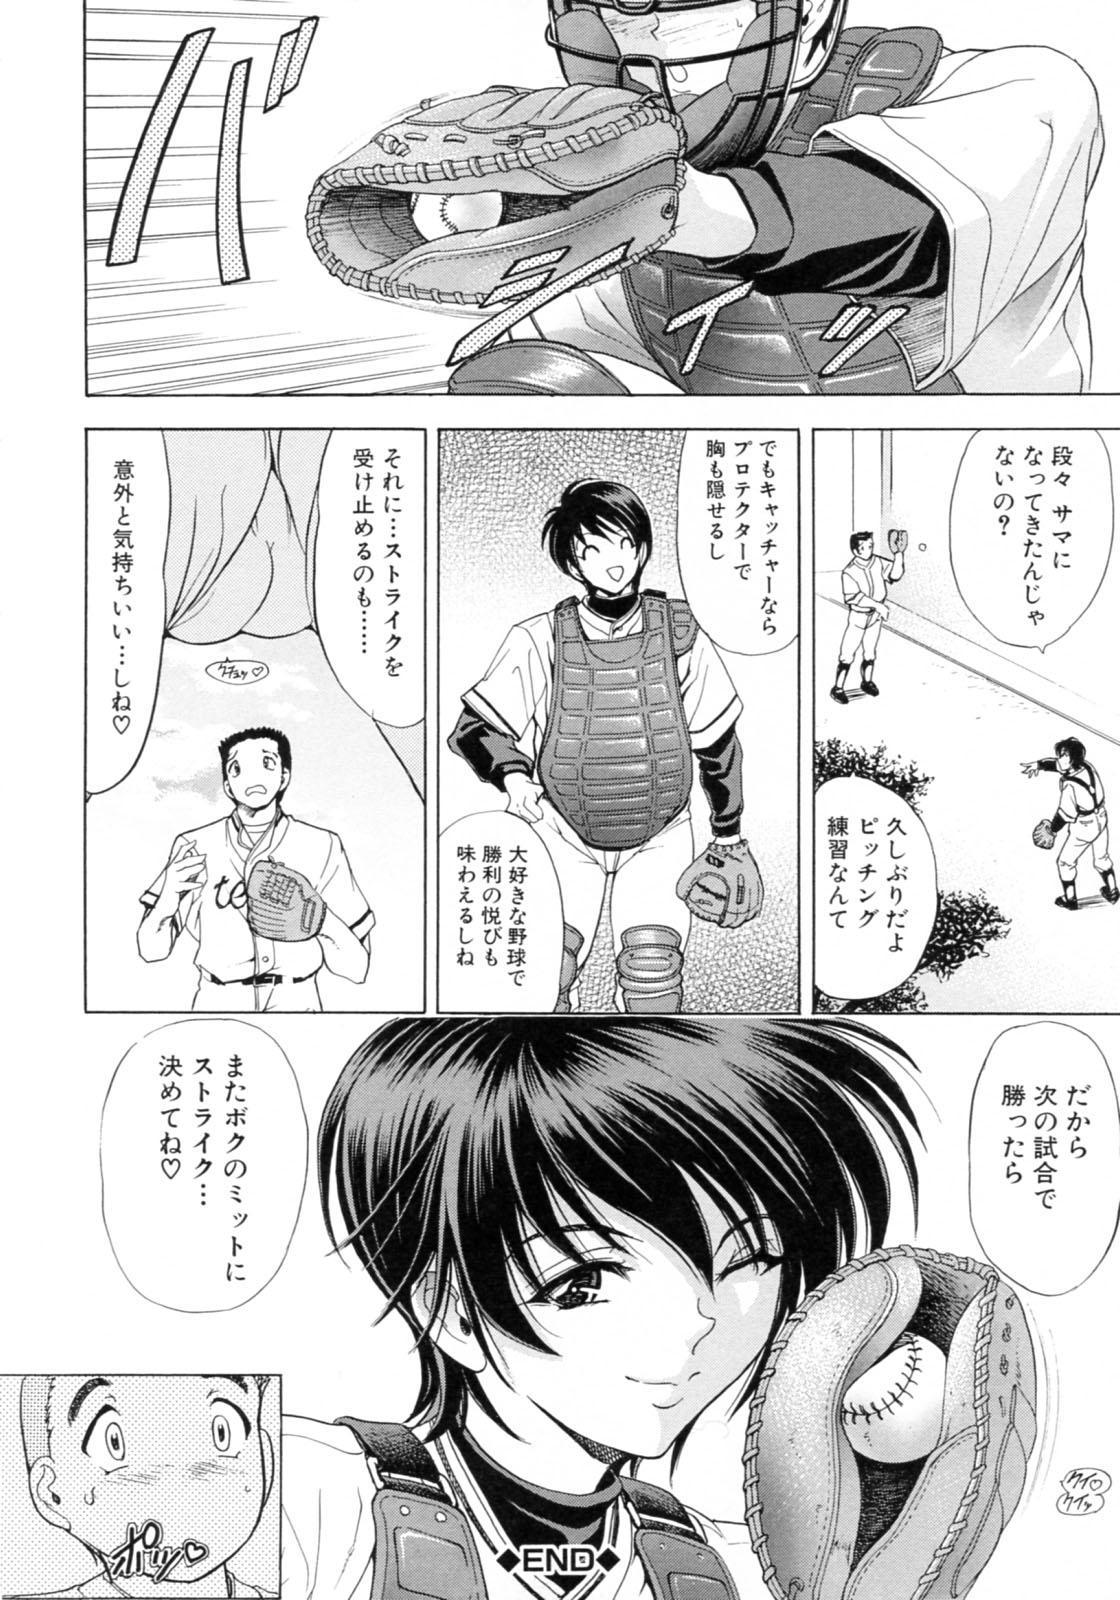 Kinsoku Shikou 185